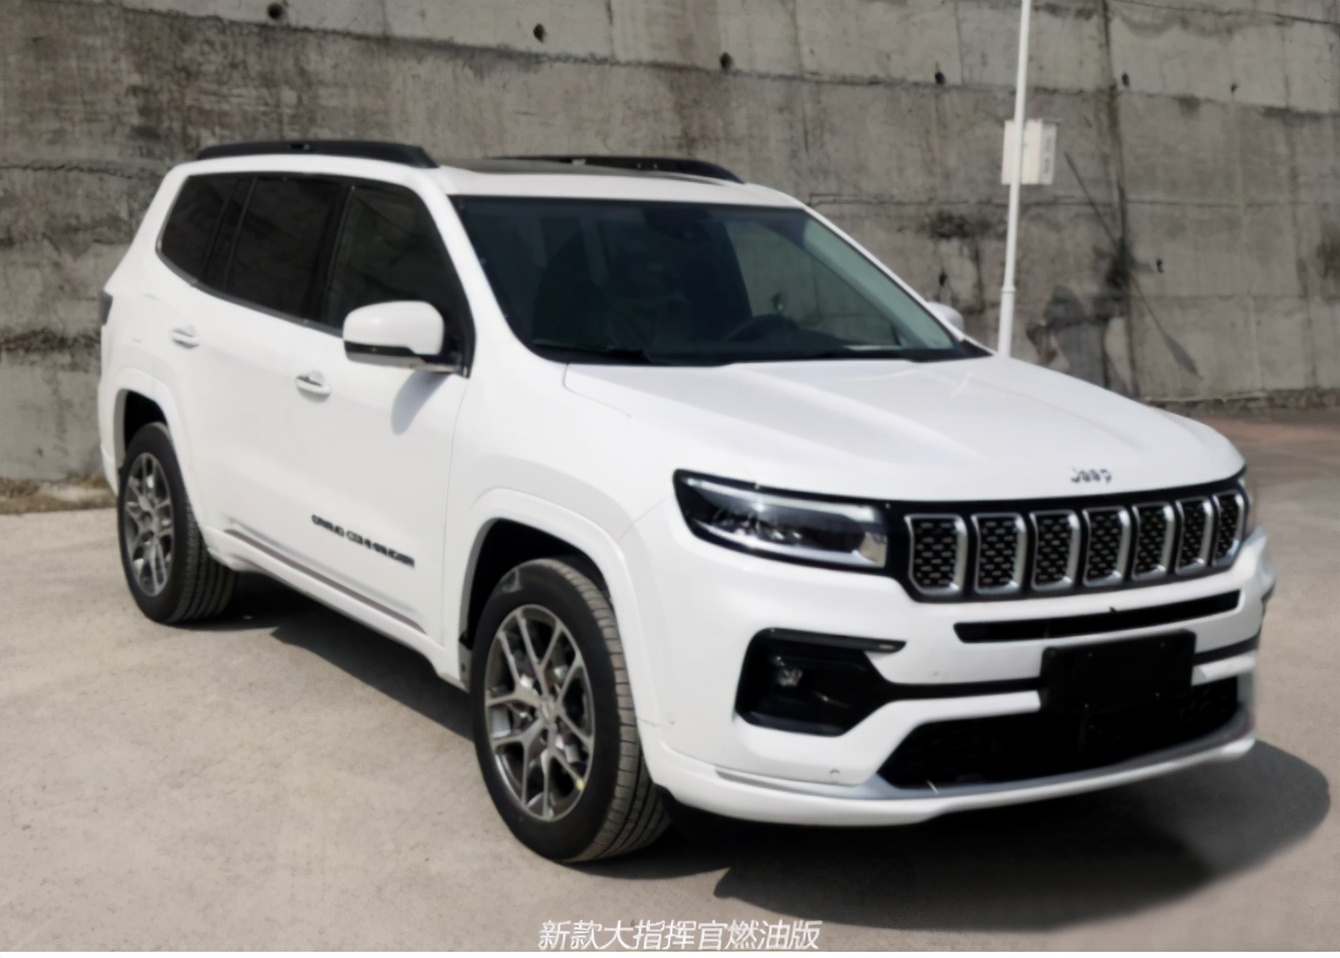 价格上调5千2 广汽菲克Jeep新款大指挥官成都车展上市